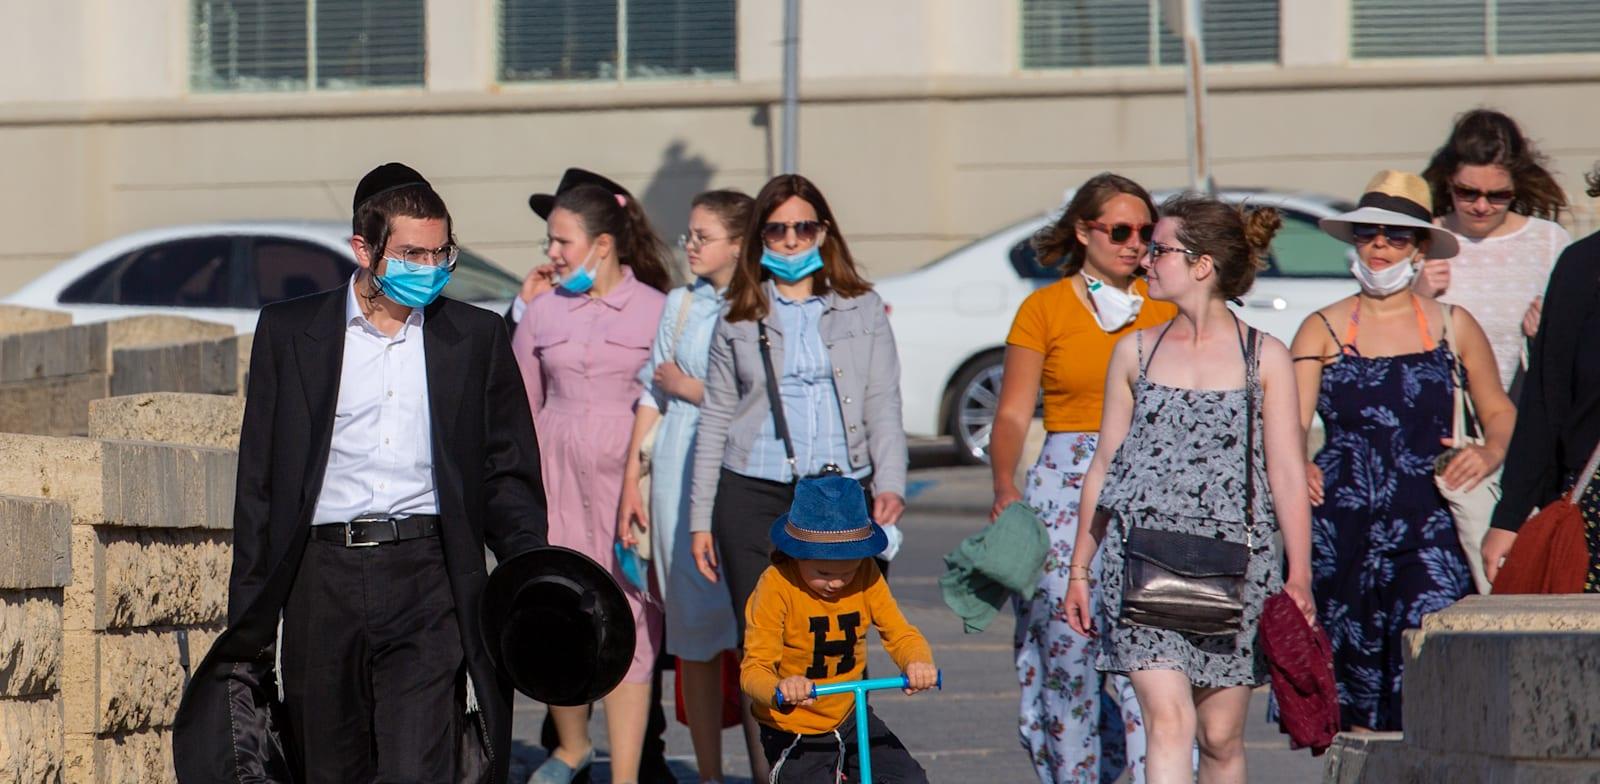 הממשלה הבאה תידרש לטפל בחיים עצמם / צילום: Shutterstock, Alex Eidelman